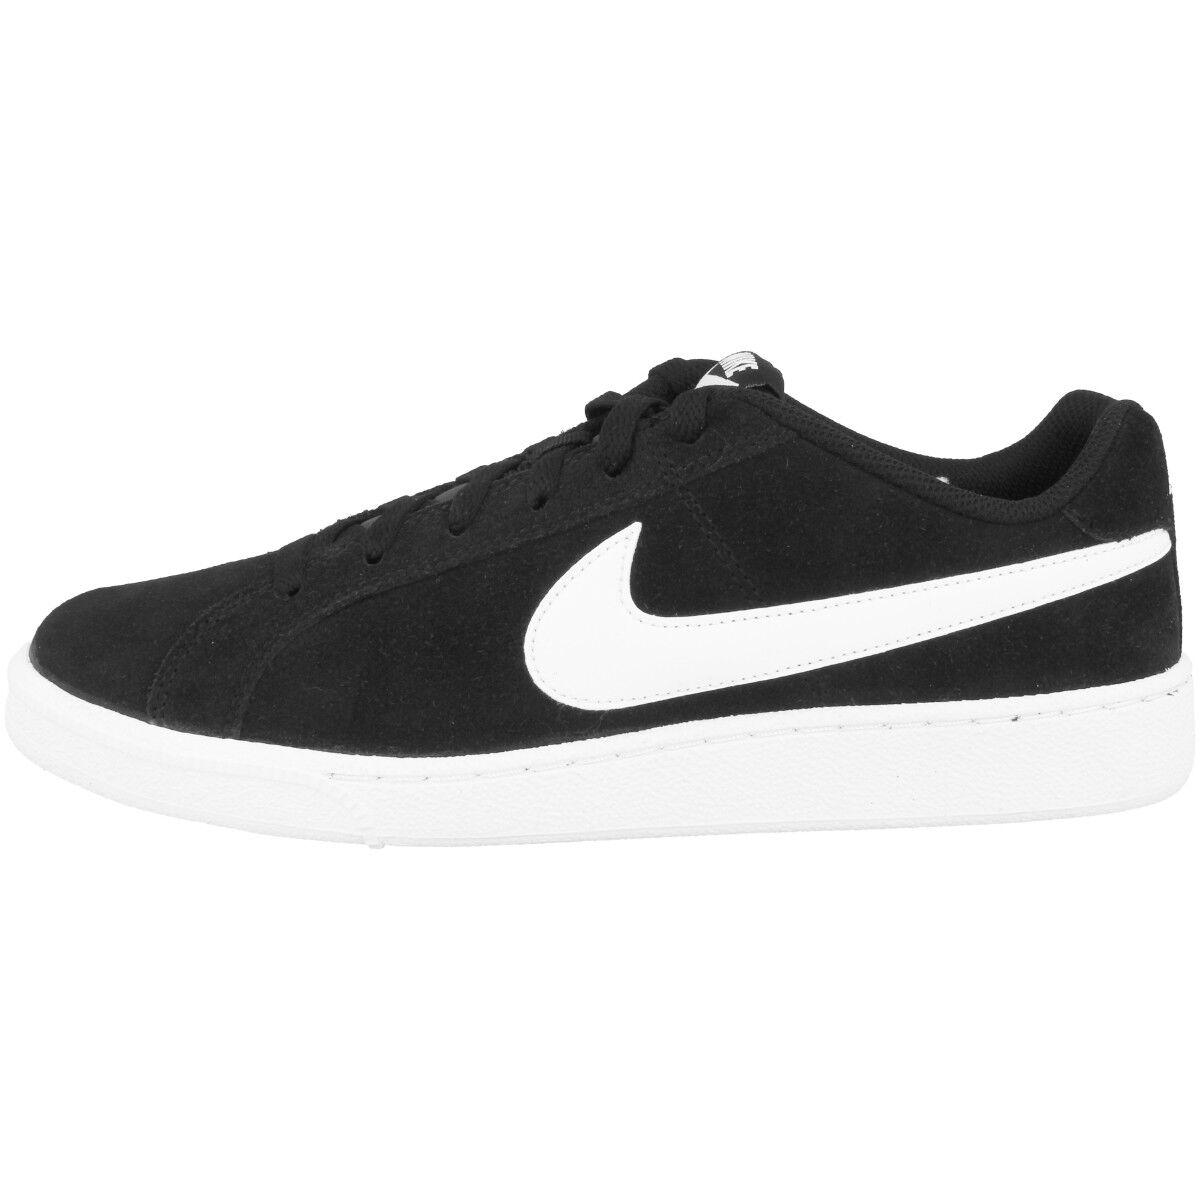 [644103-001] Air Nike Air [644103-001] Mission Prm ou Canards Hommes Baskets Nike Noir Vert Pomme 6930c3